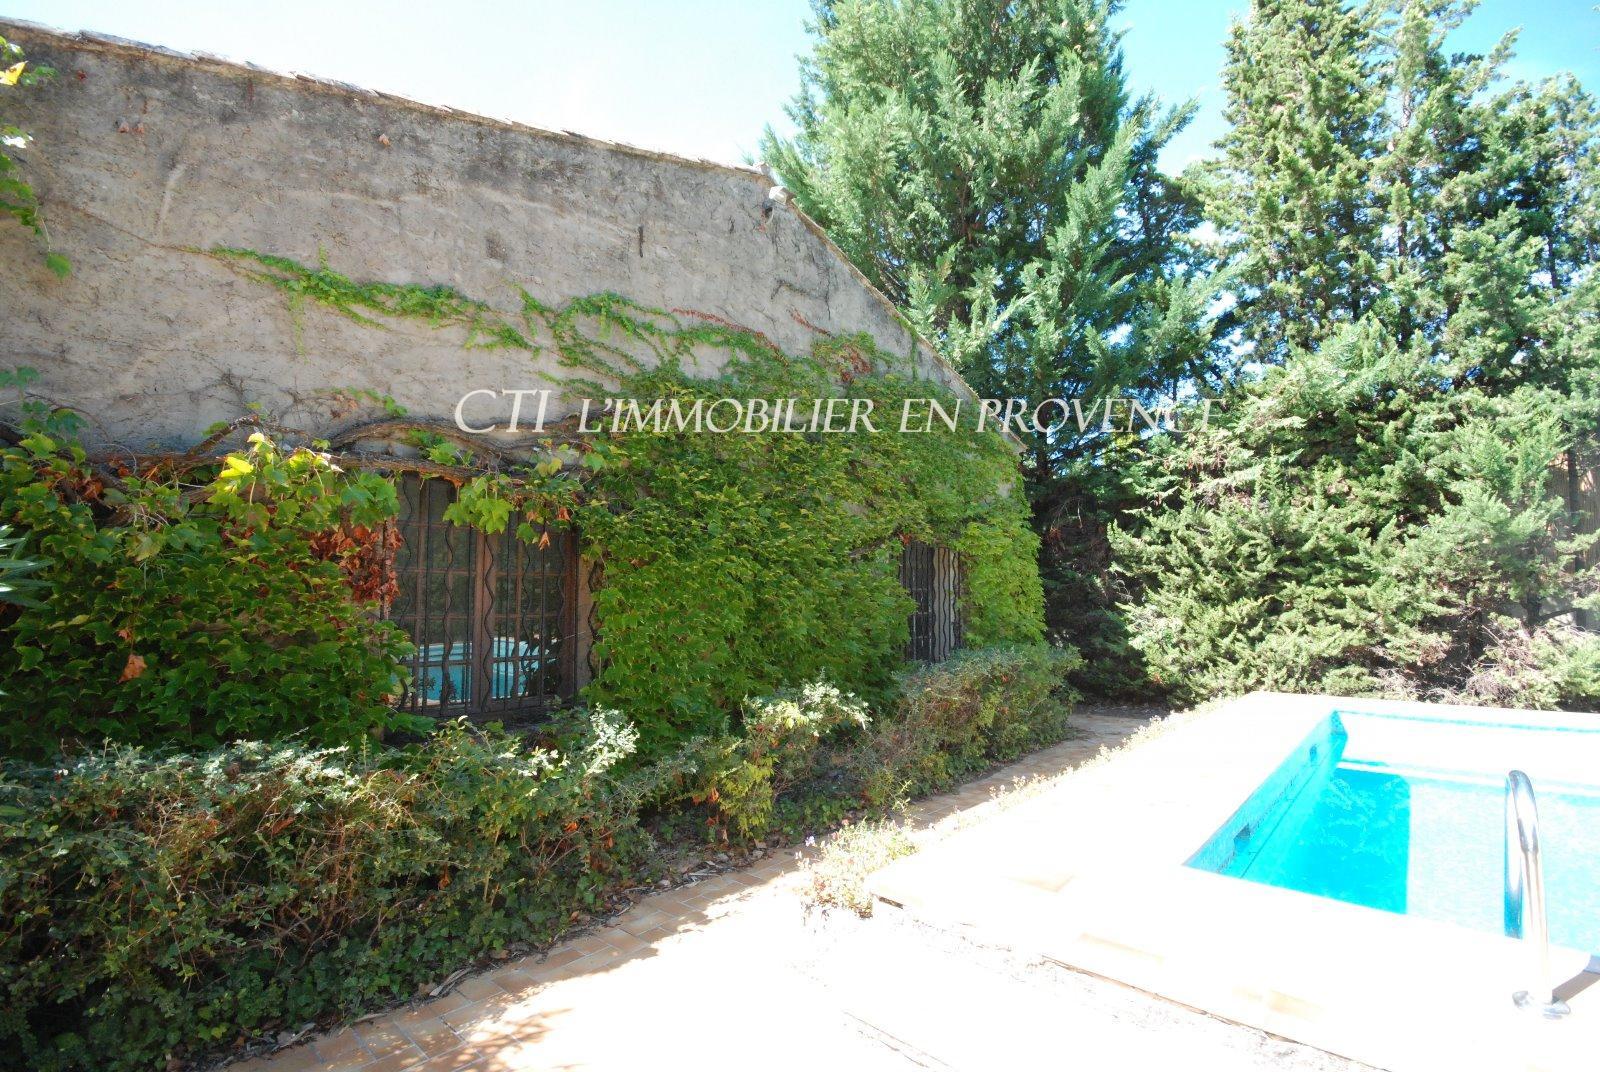 Vente spacieuse maison a vendre gite dependances - Hotel vaison la romaine piscine ...